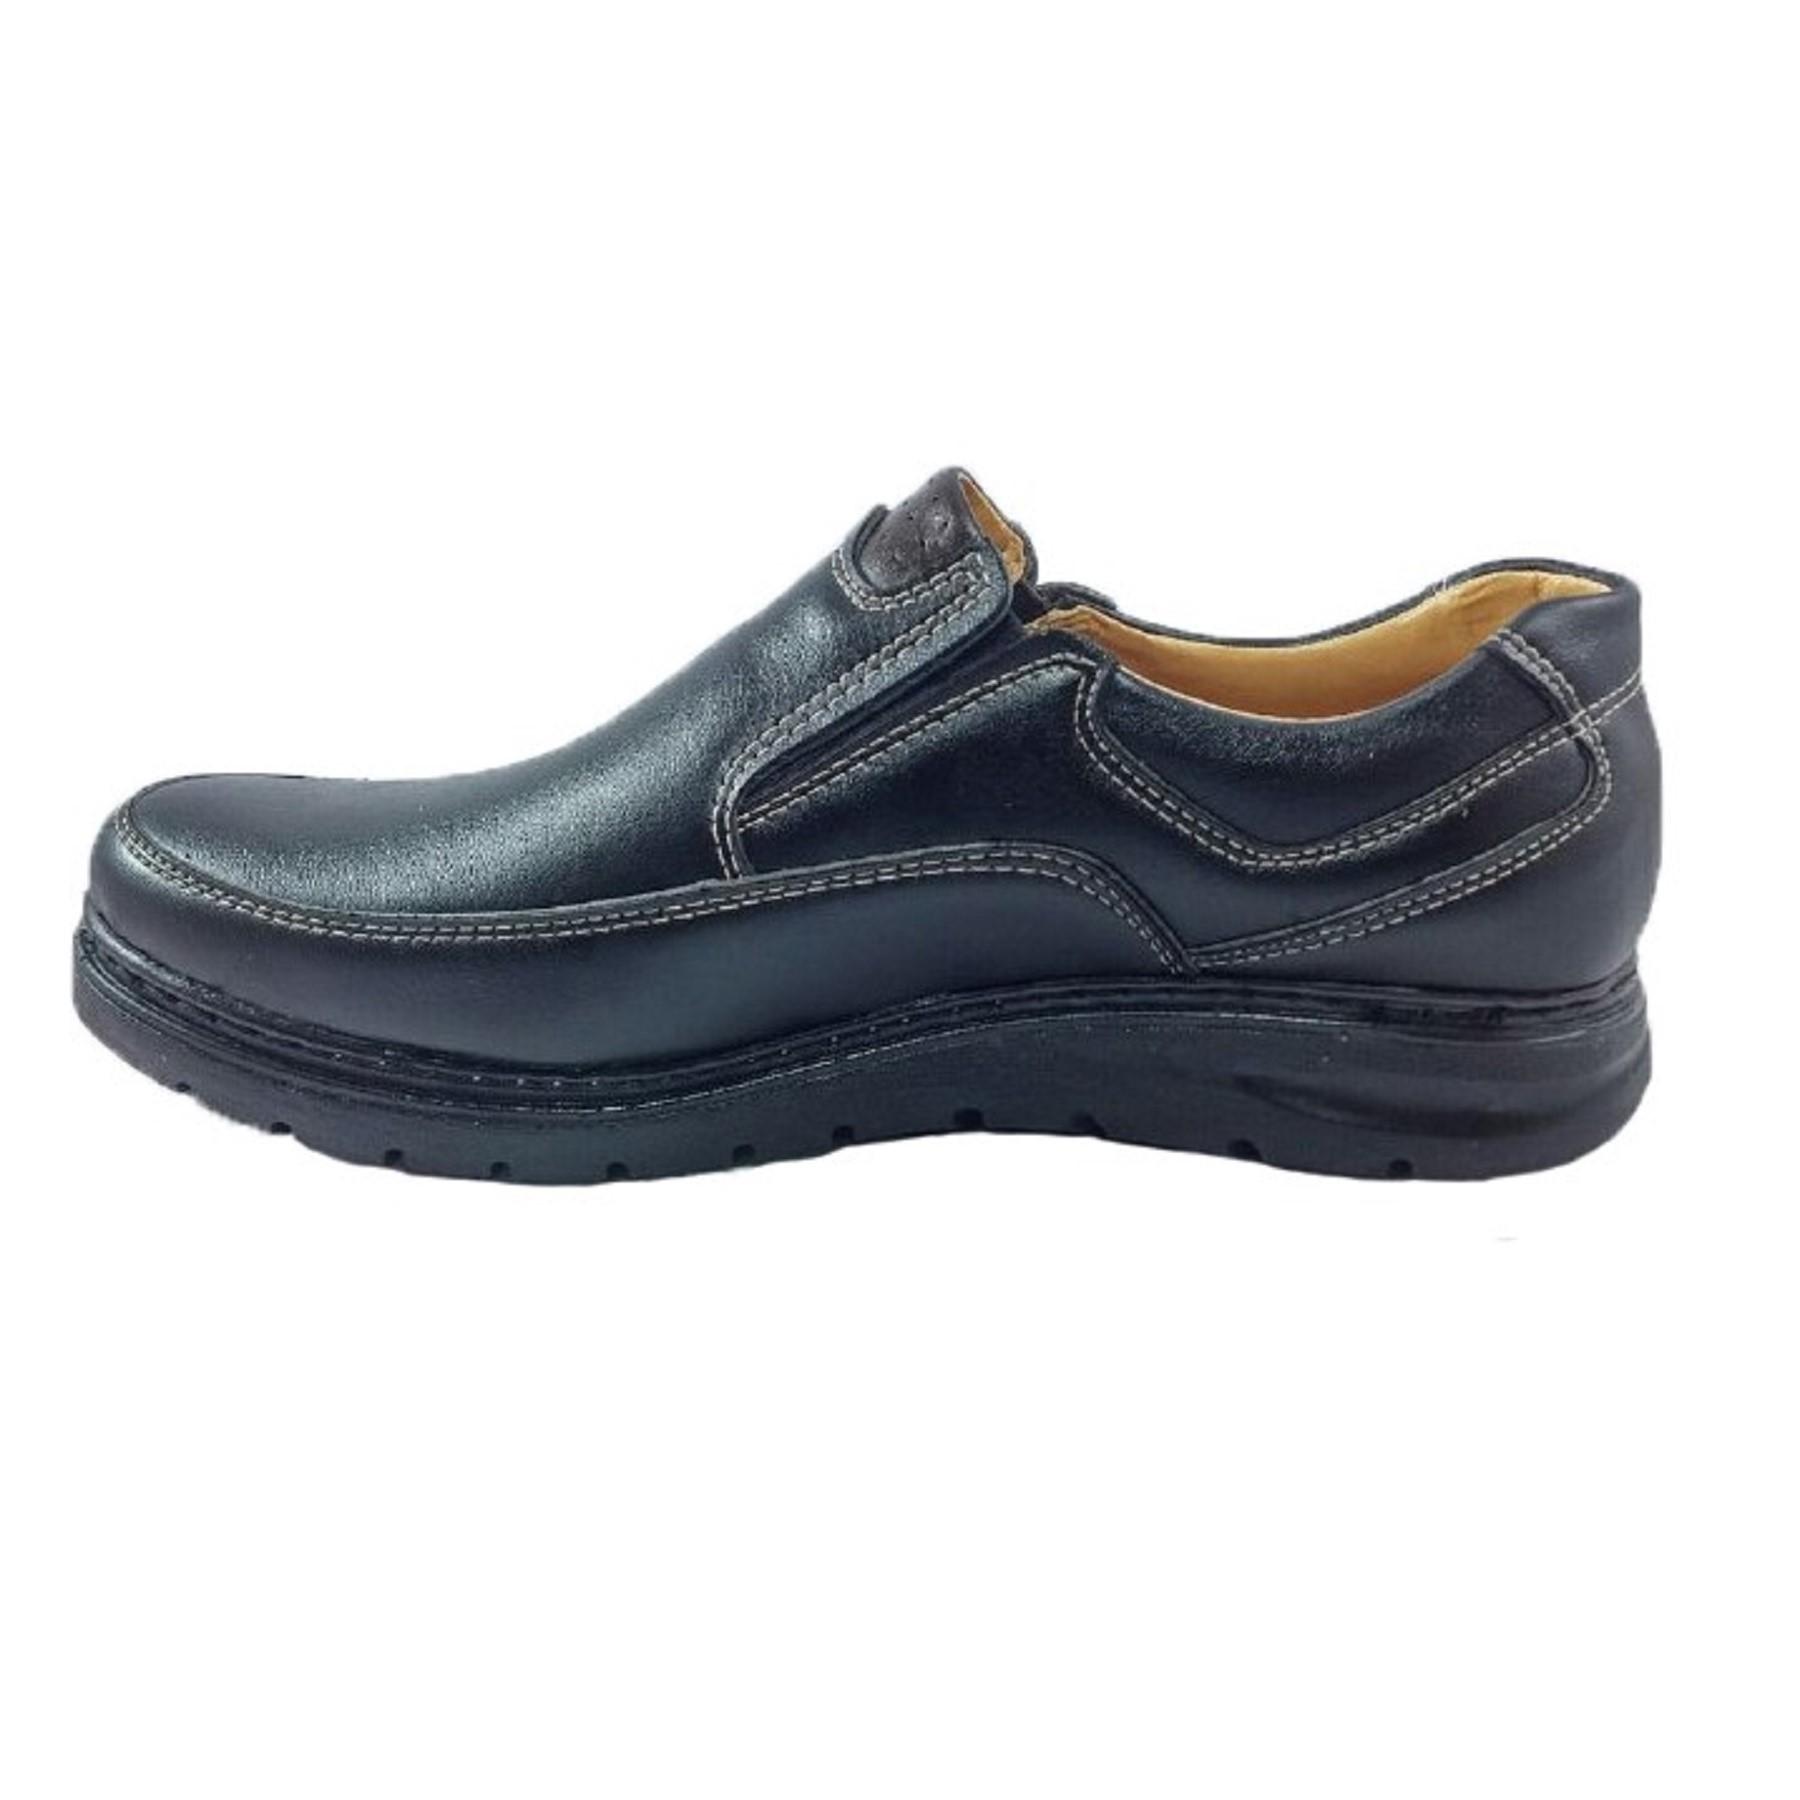 کفش مردانه مدل ادیپ کد AHA10-1